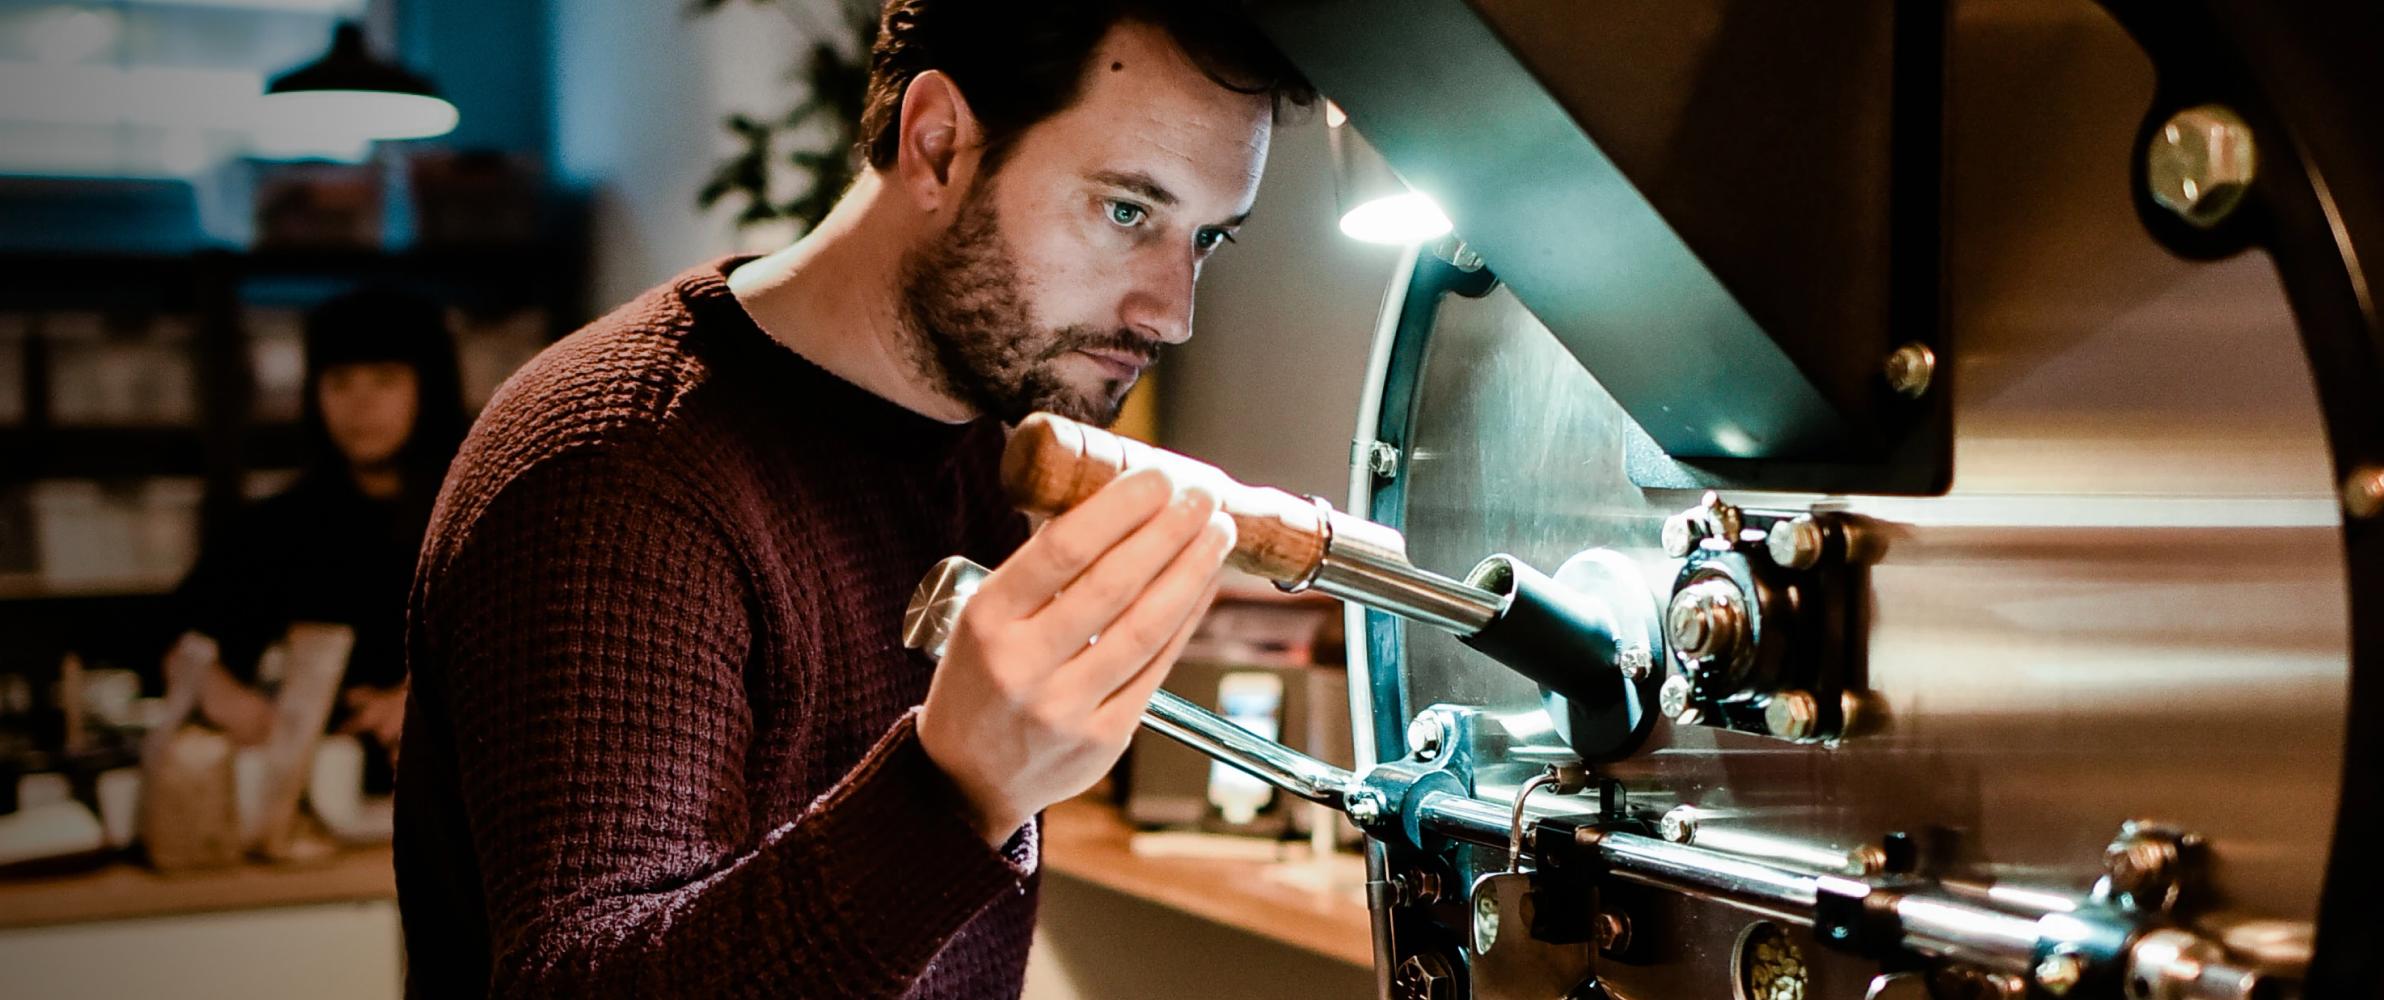 Mathieu at work